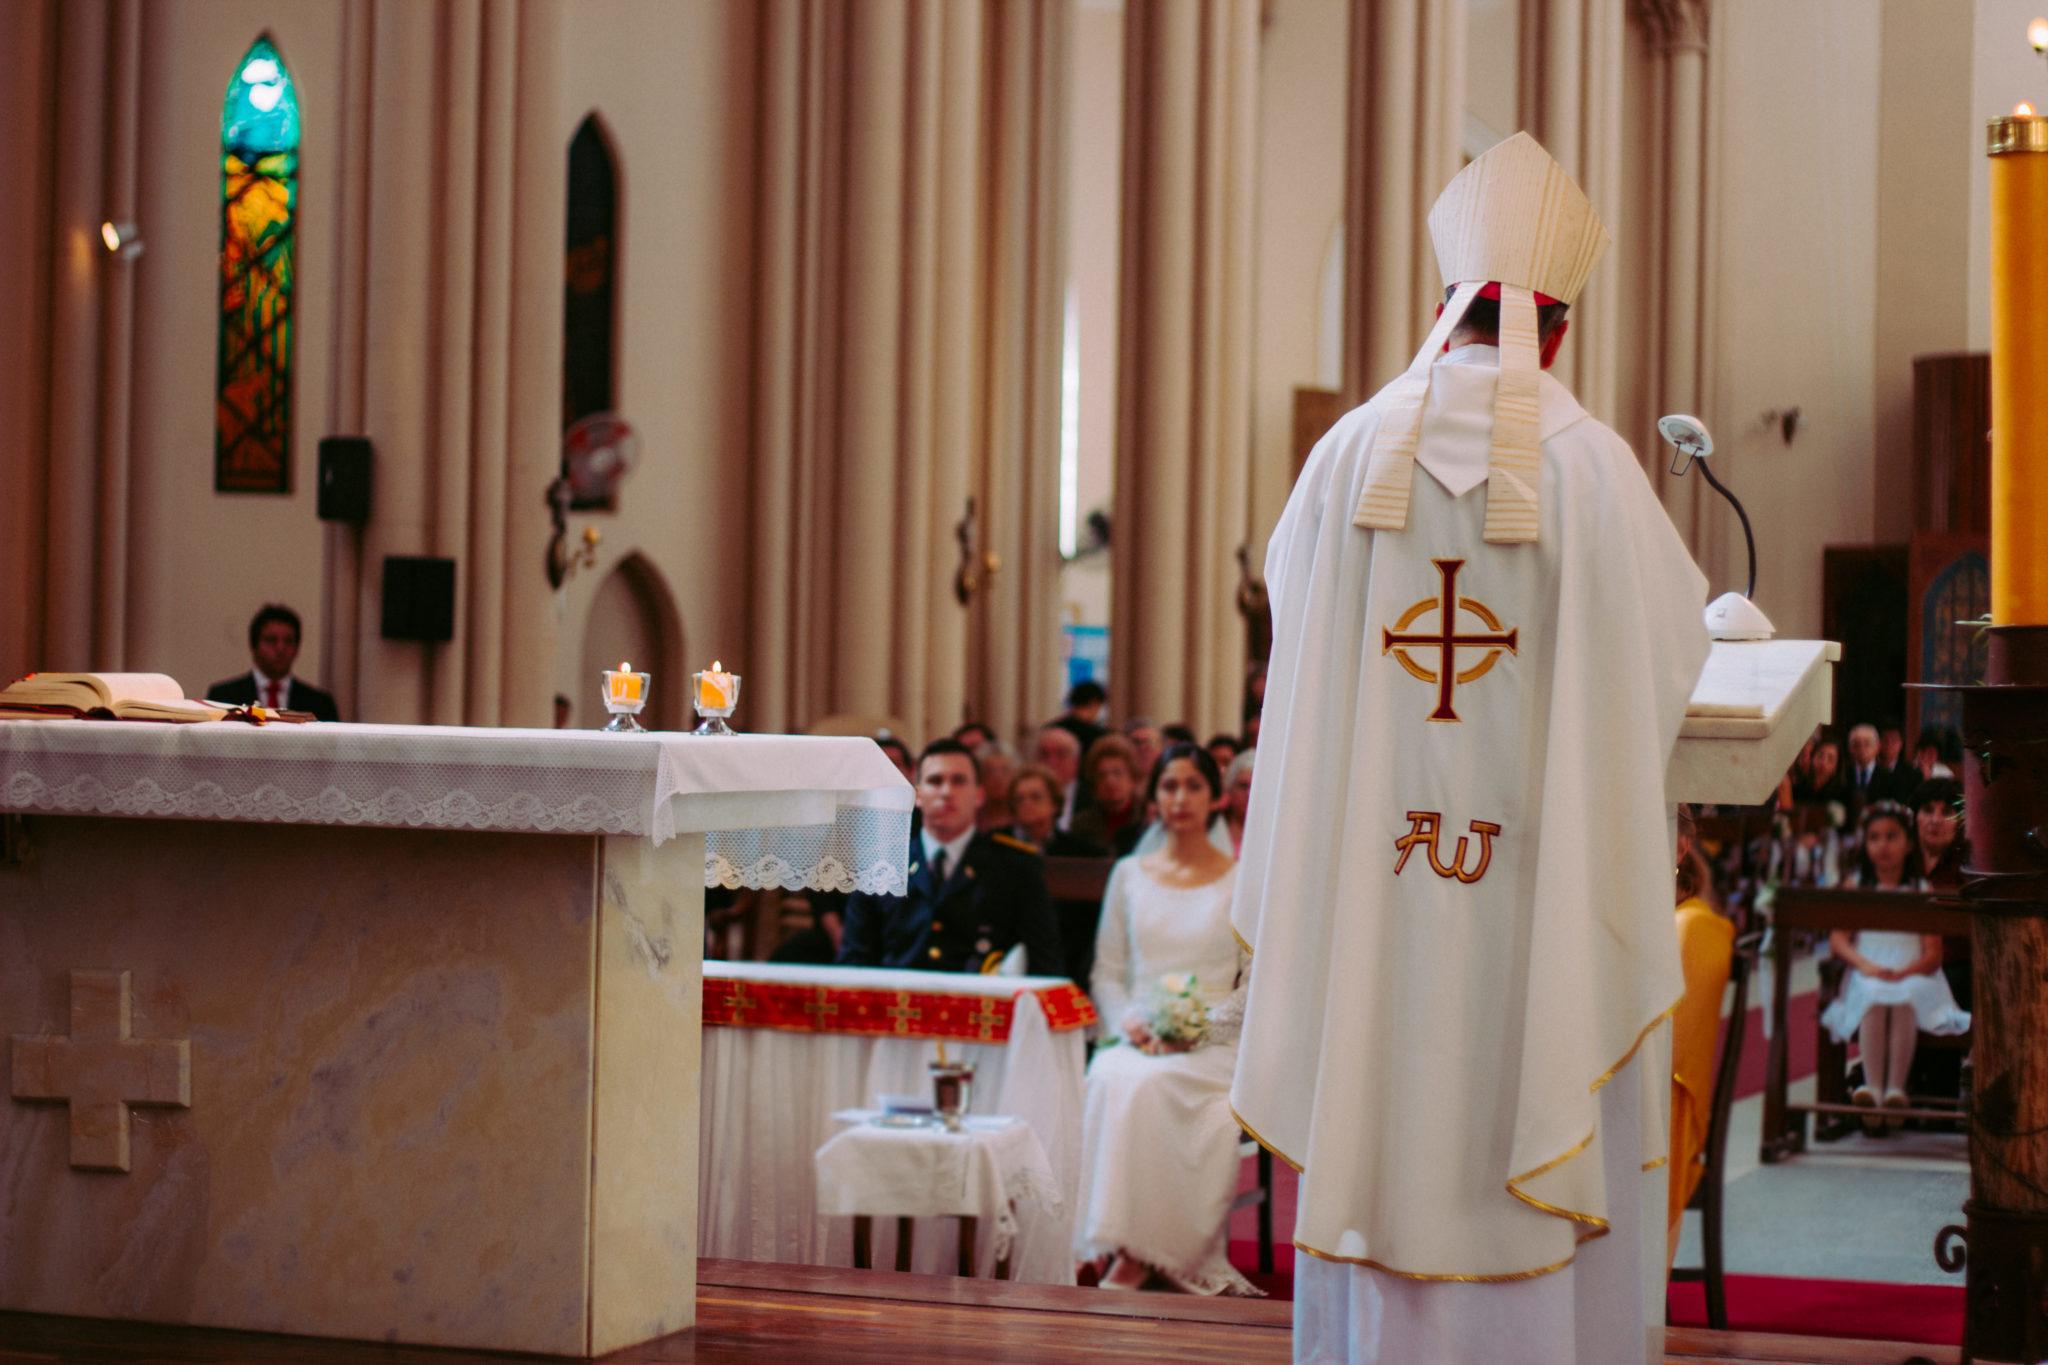 kazanie biskup kościół ambona